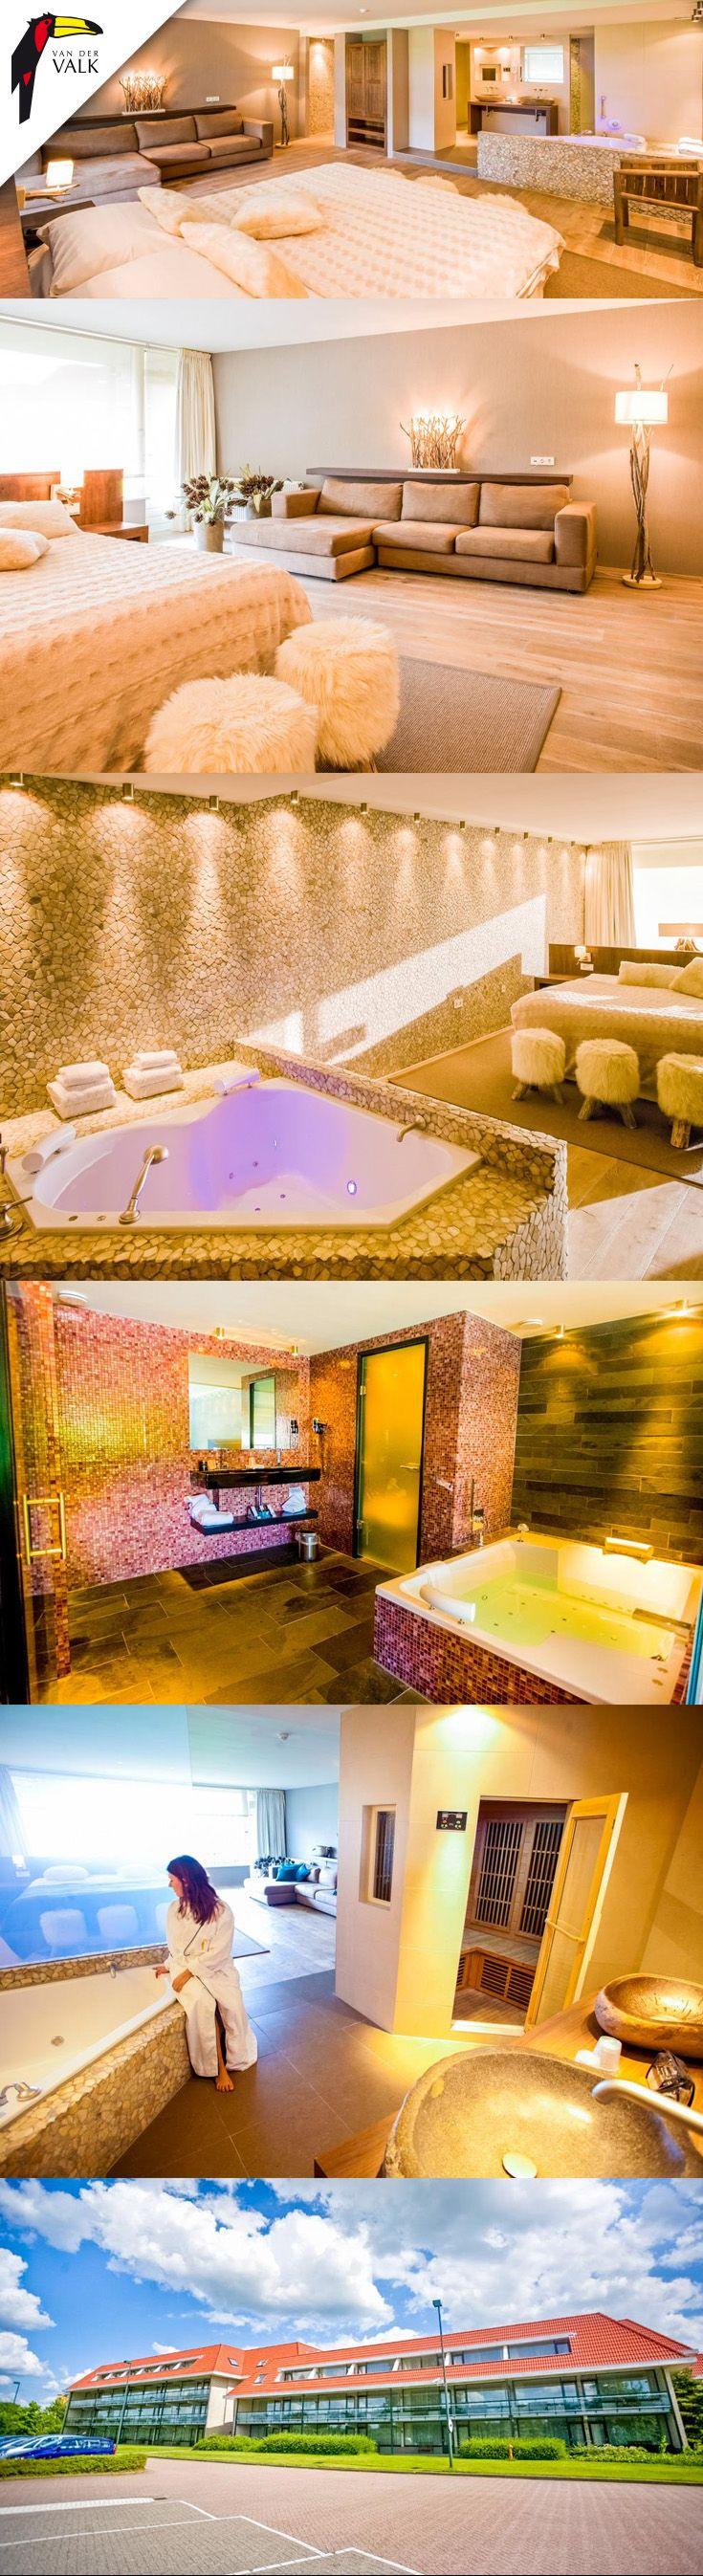 best Van der Valk Hotels images on Pinterest